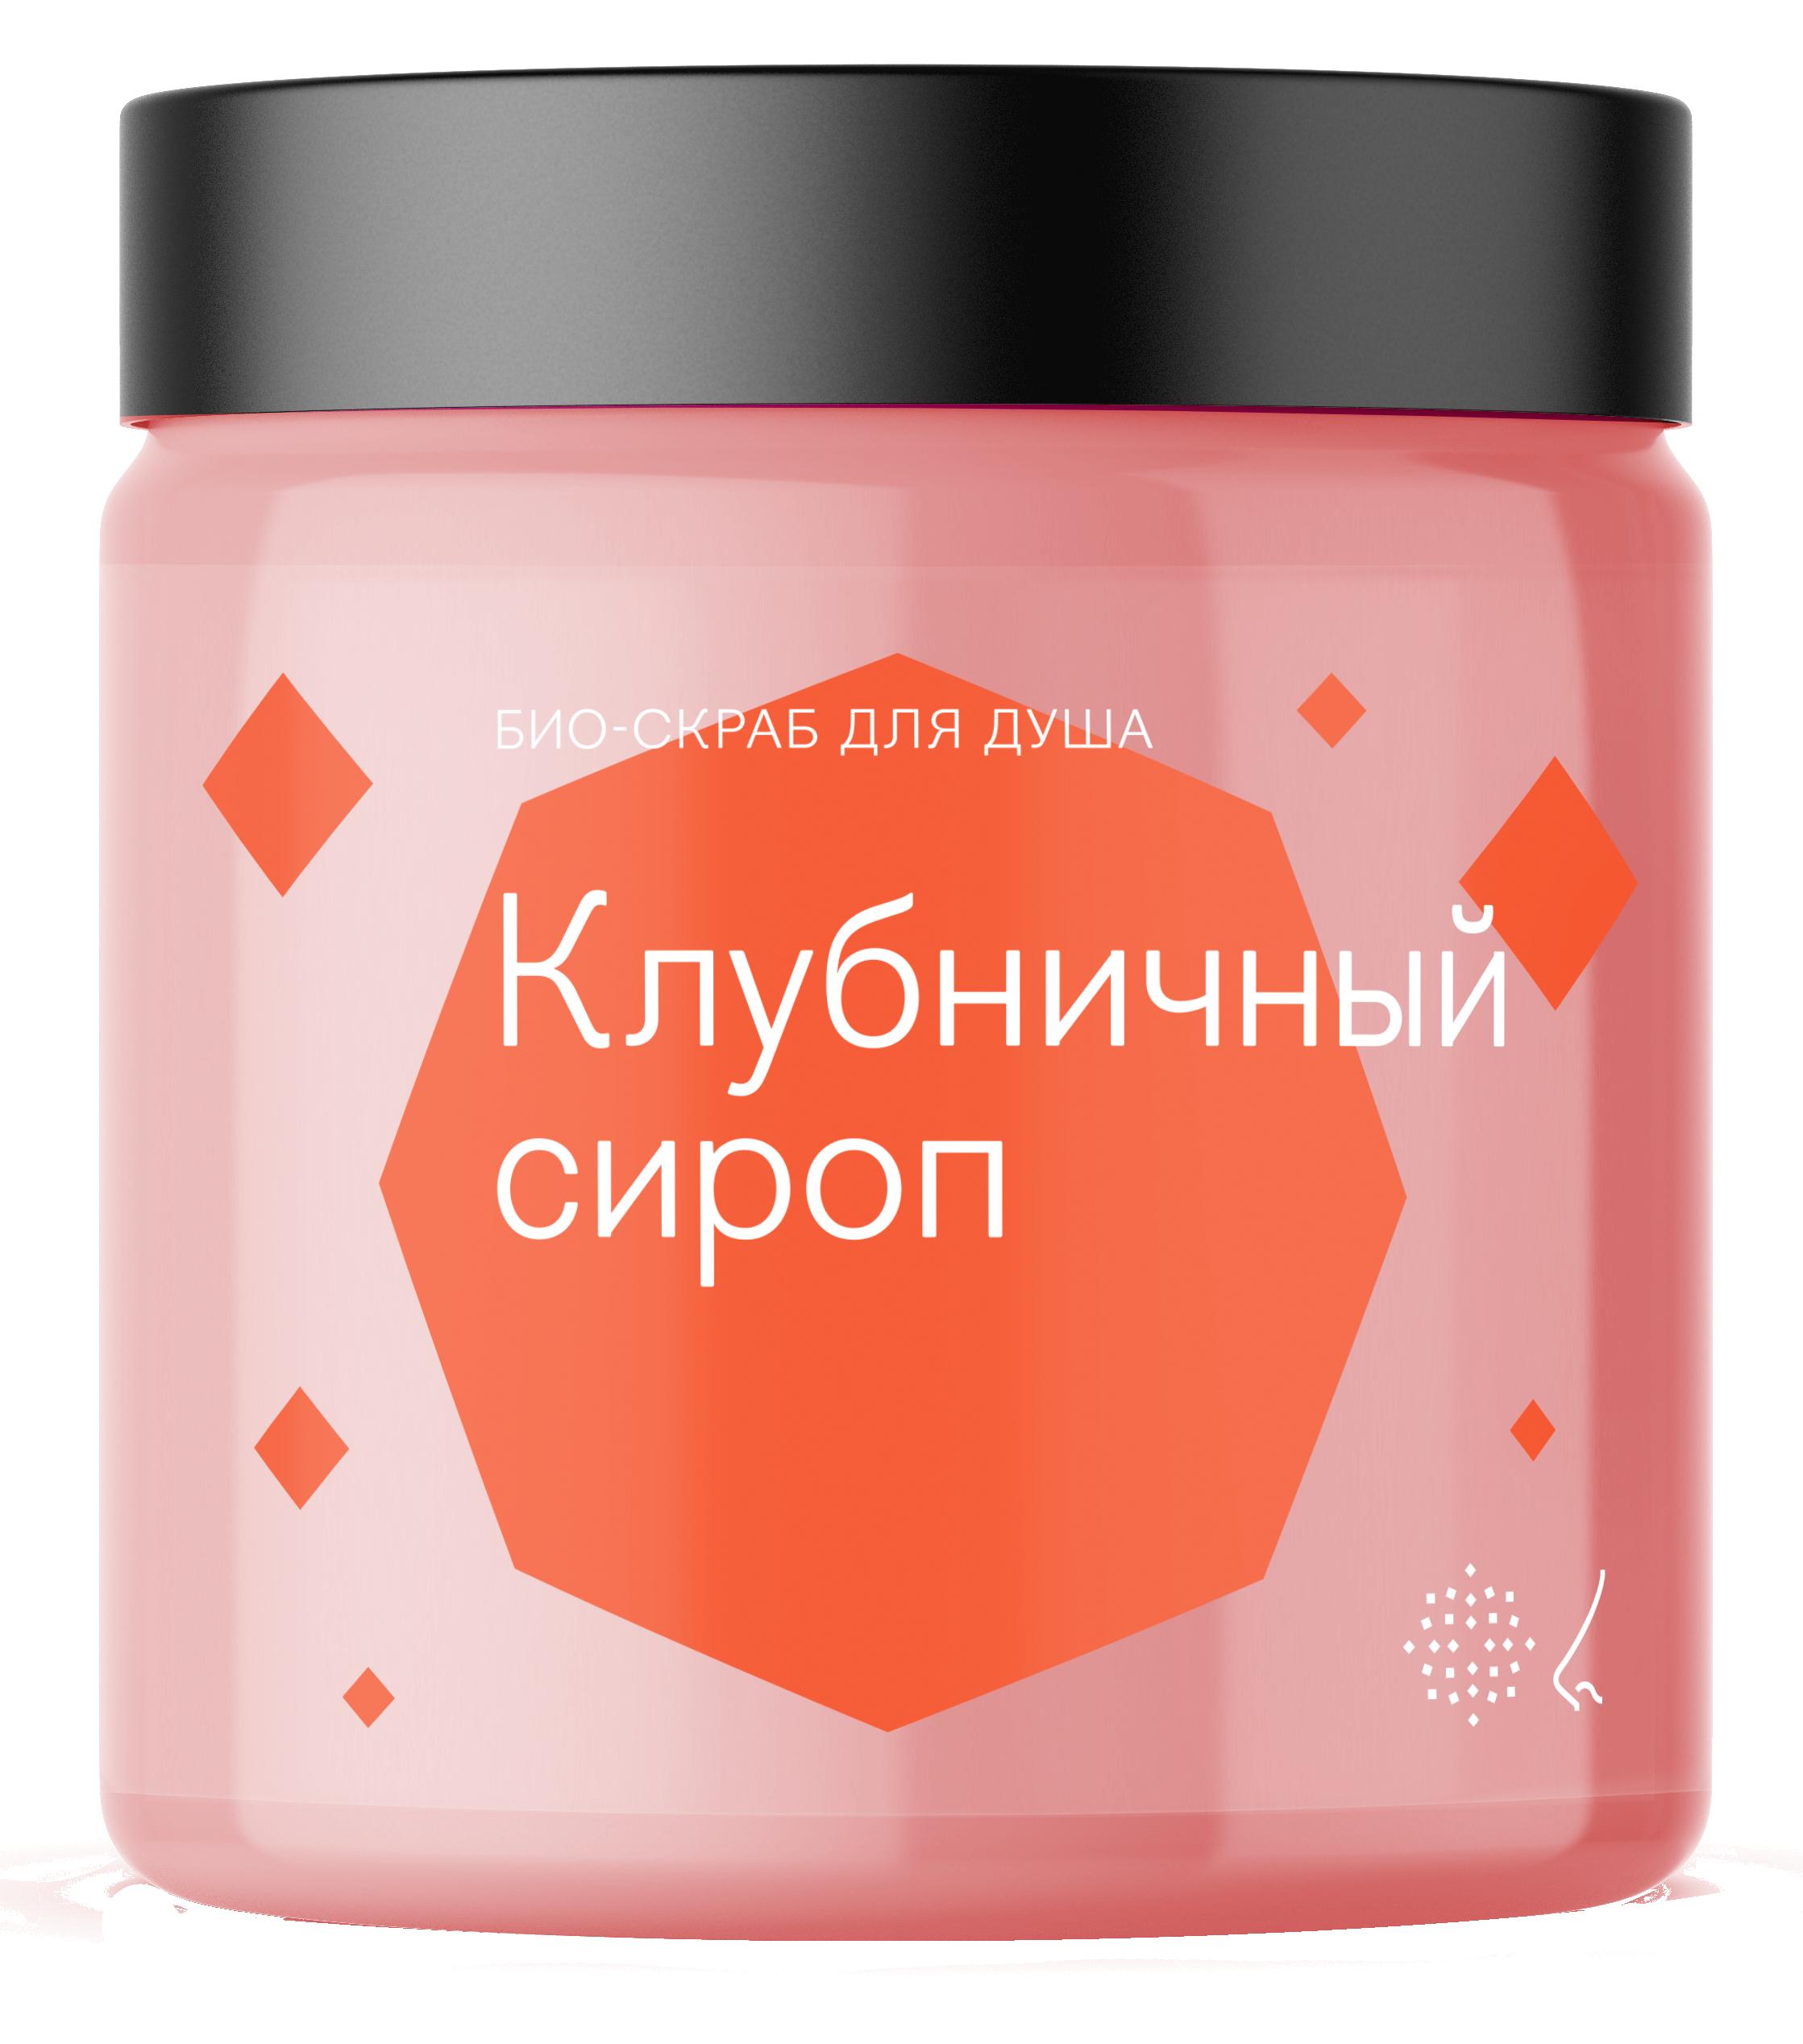 Купить Библиотека ароматов Скраб для тела «Клубничный сироп» (Strawberry Syrup) 125мл, Strawberry Syrup 125мл